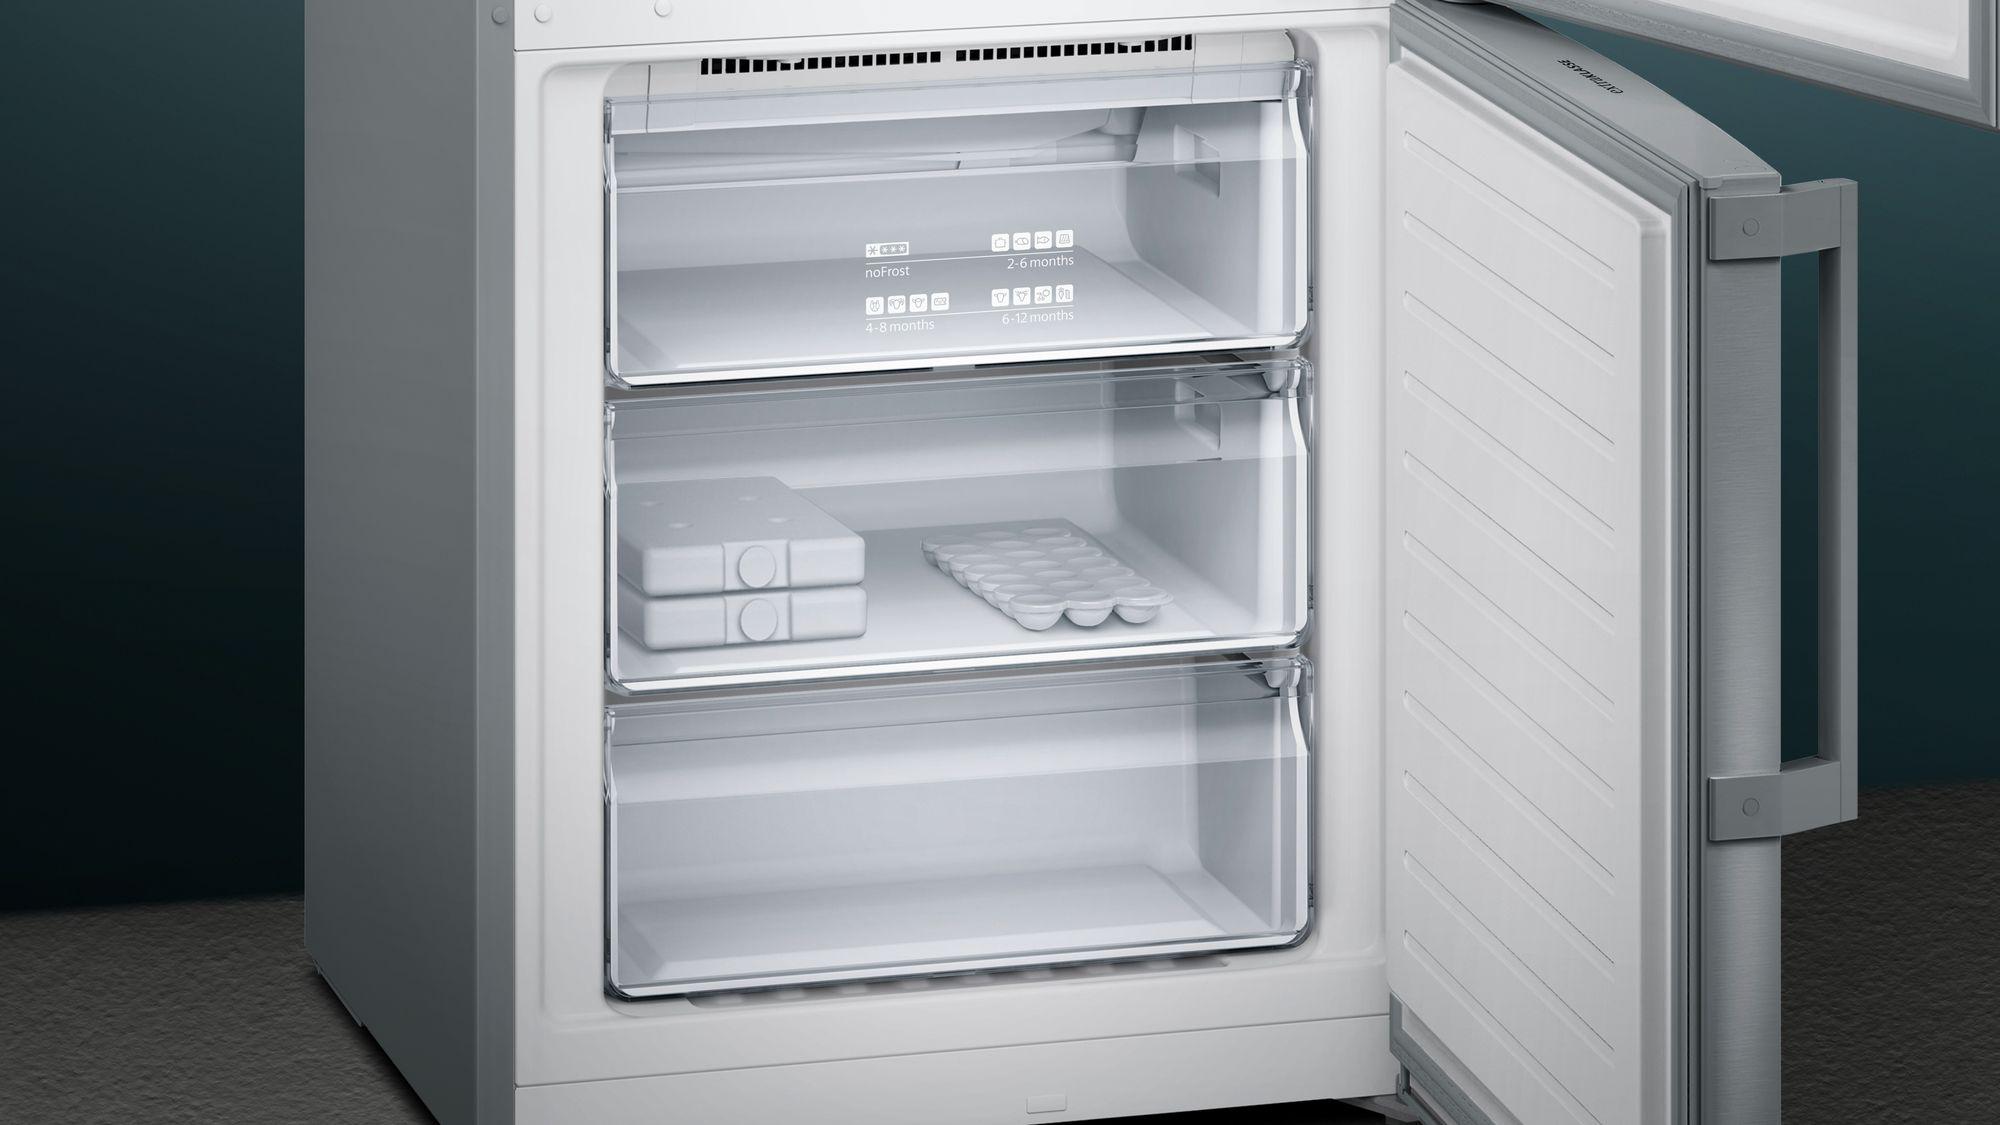 Siemens Kühlschrank Edelstahl : Siemens iq300 kühl gefrier kombination türen edelstahl nofrost